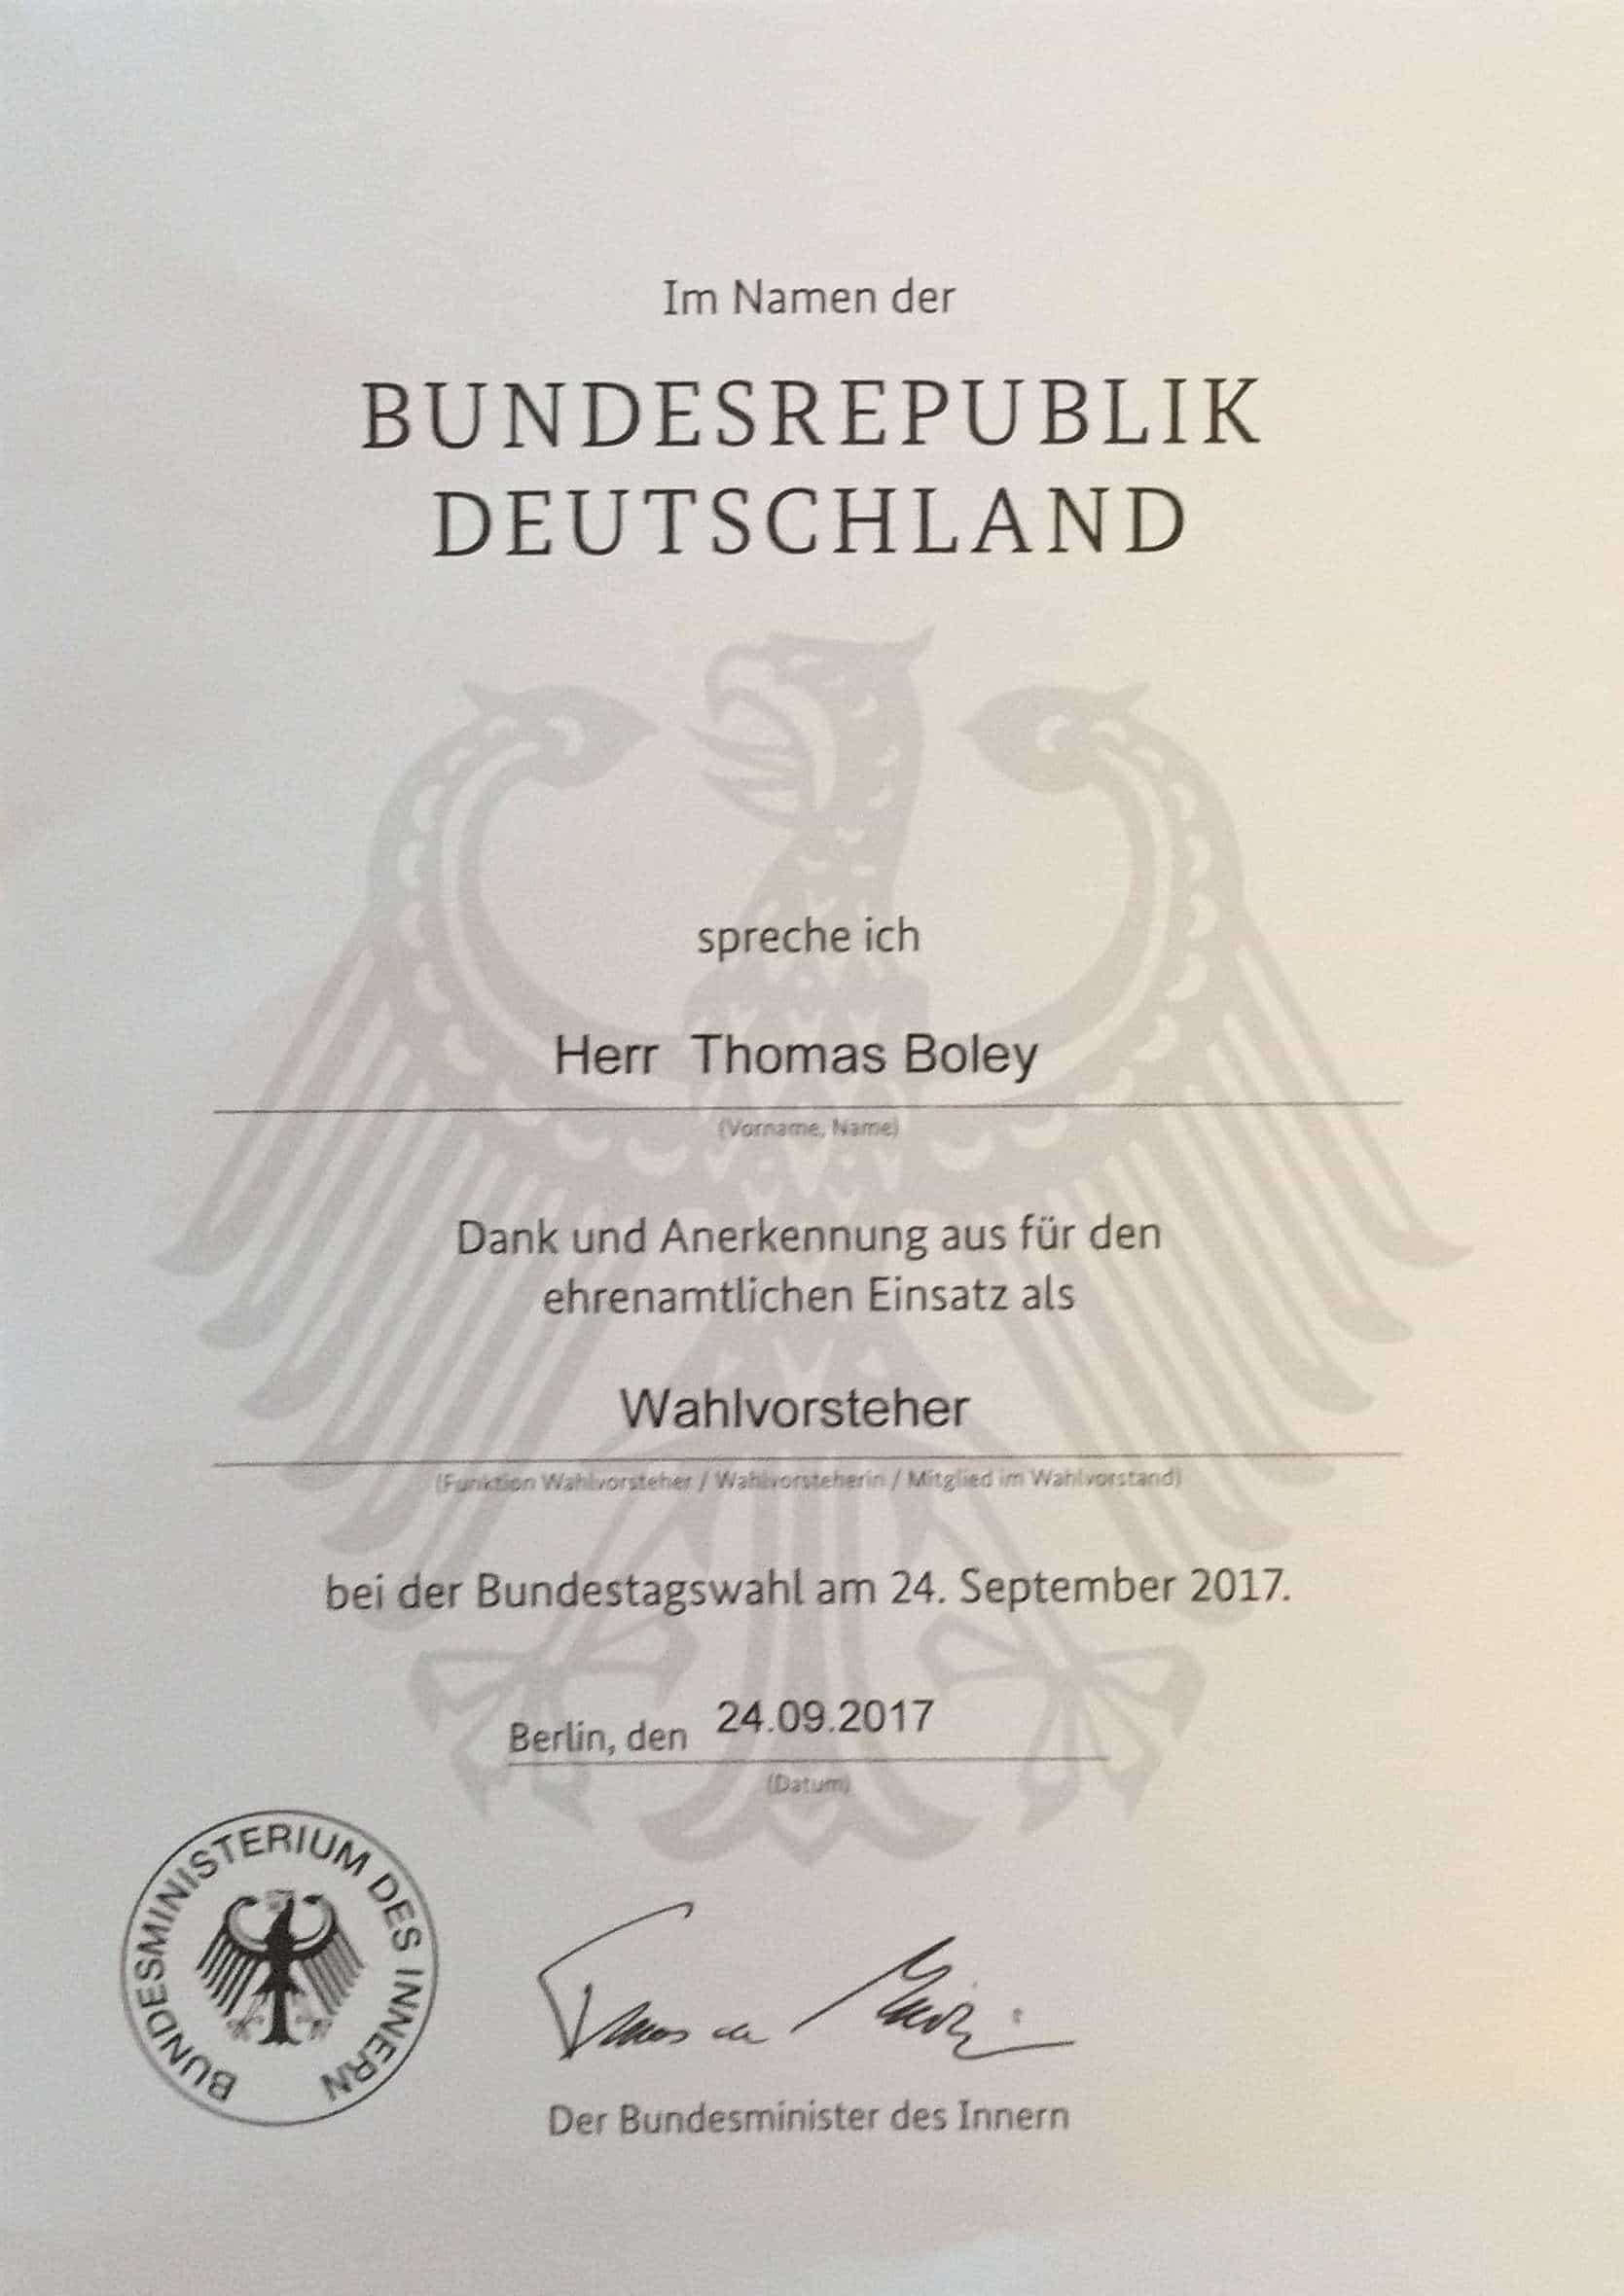 Urkunde für den Wahlvorsteher